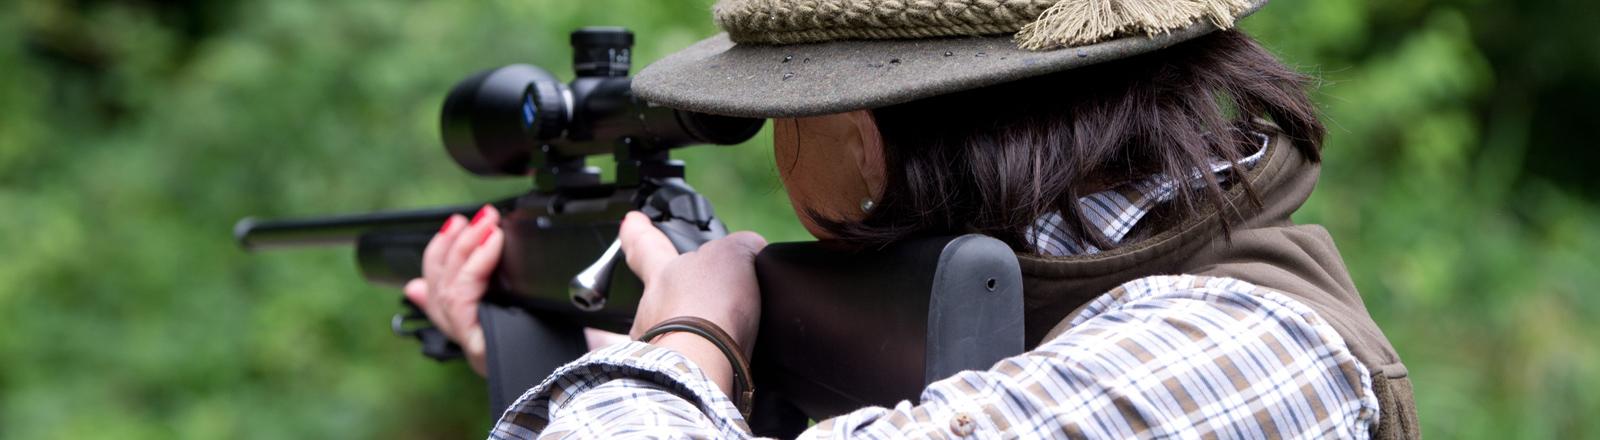 Jägerin zielt mit Gewehr.